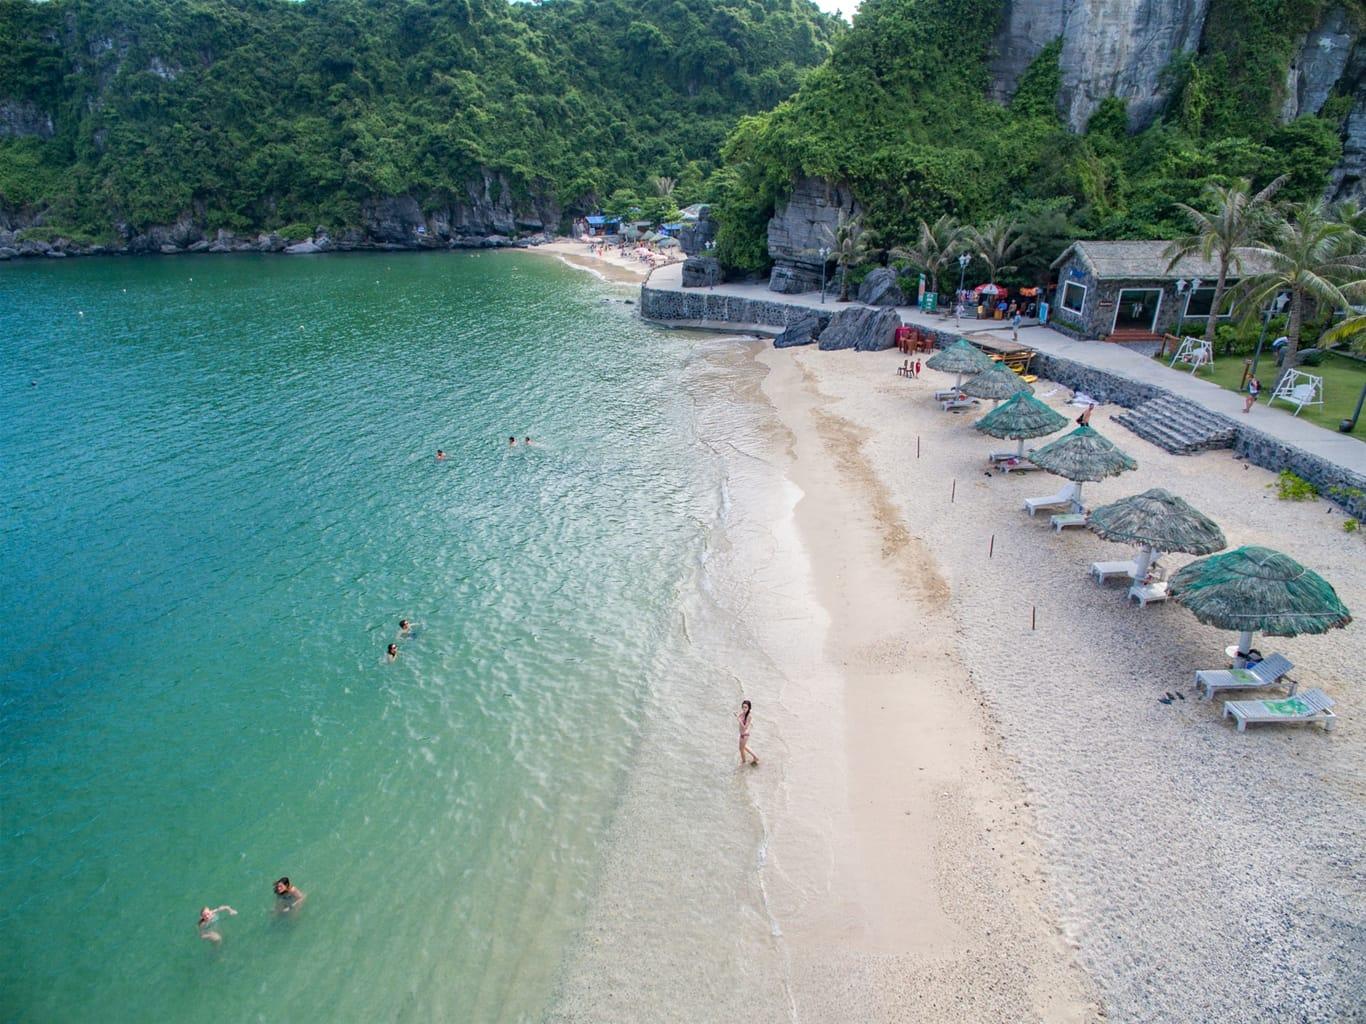 đảo Cát Bà Hải Phòng bao nhiêu km